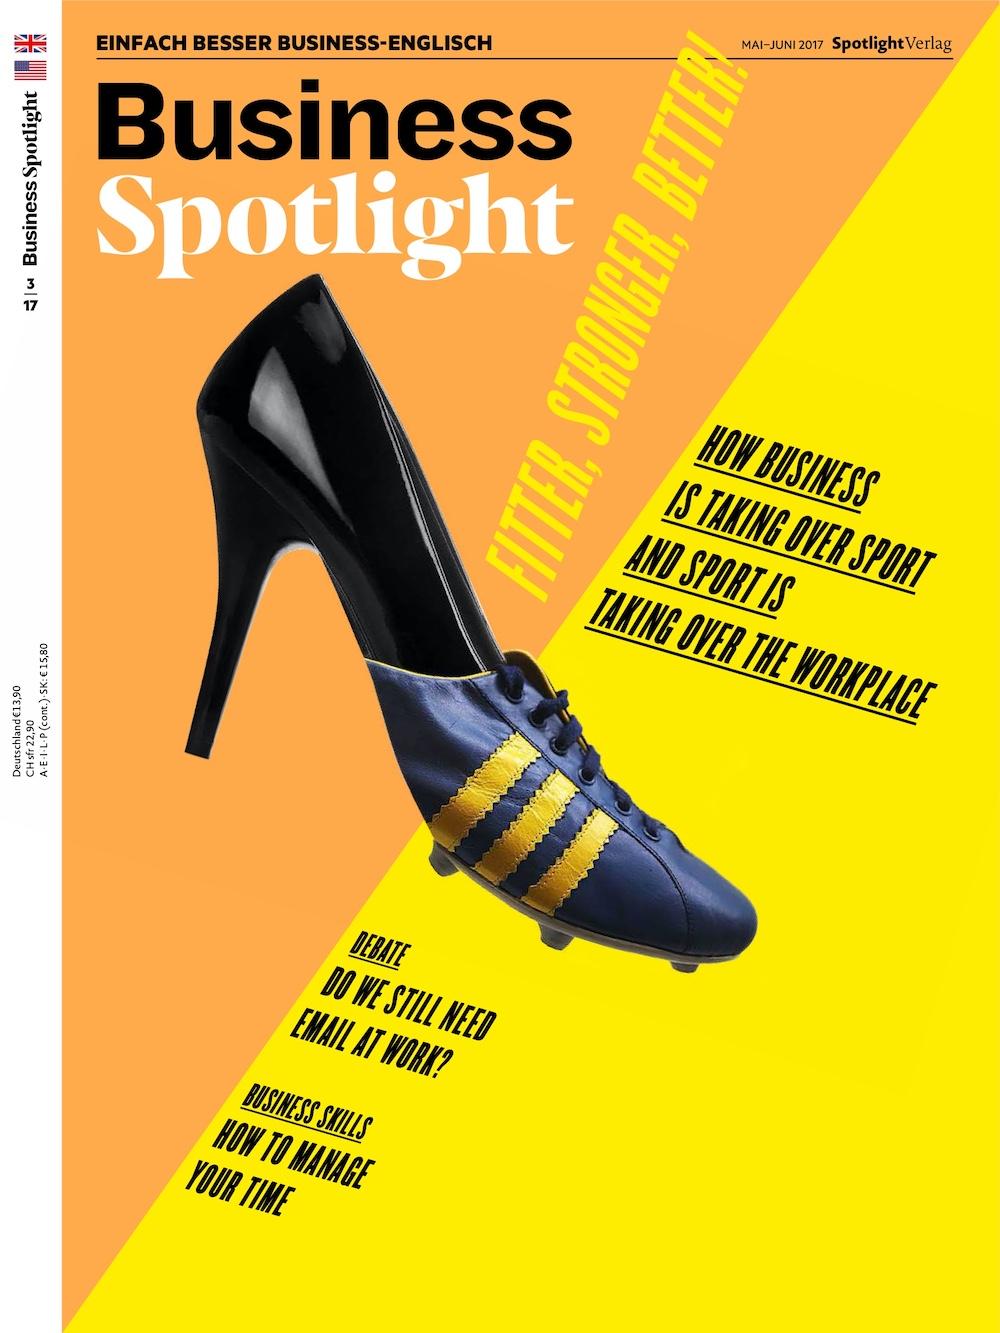 Business Spotlight 2017-05-06